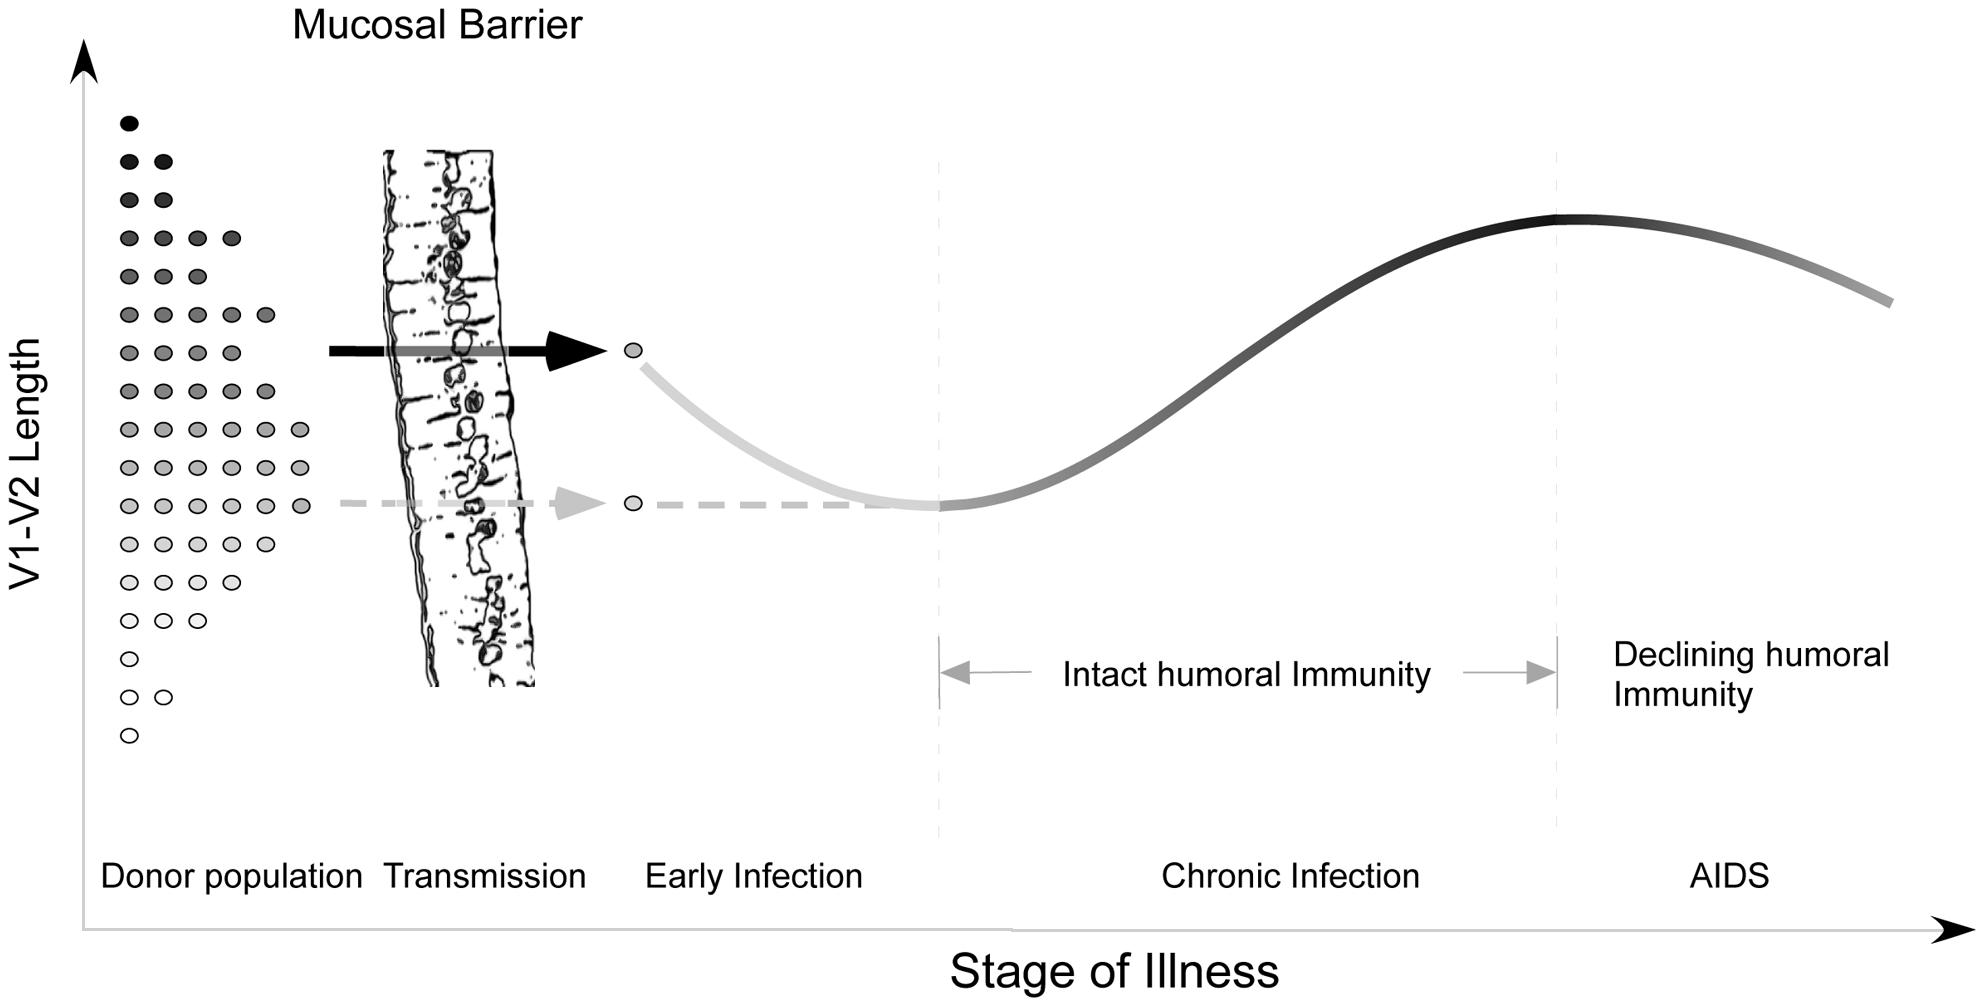 Proposed evolution of V1V2 loop size change during transmission and HIV infection.